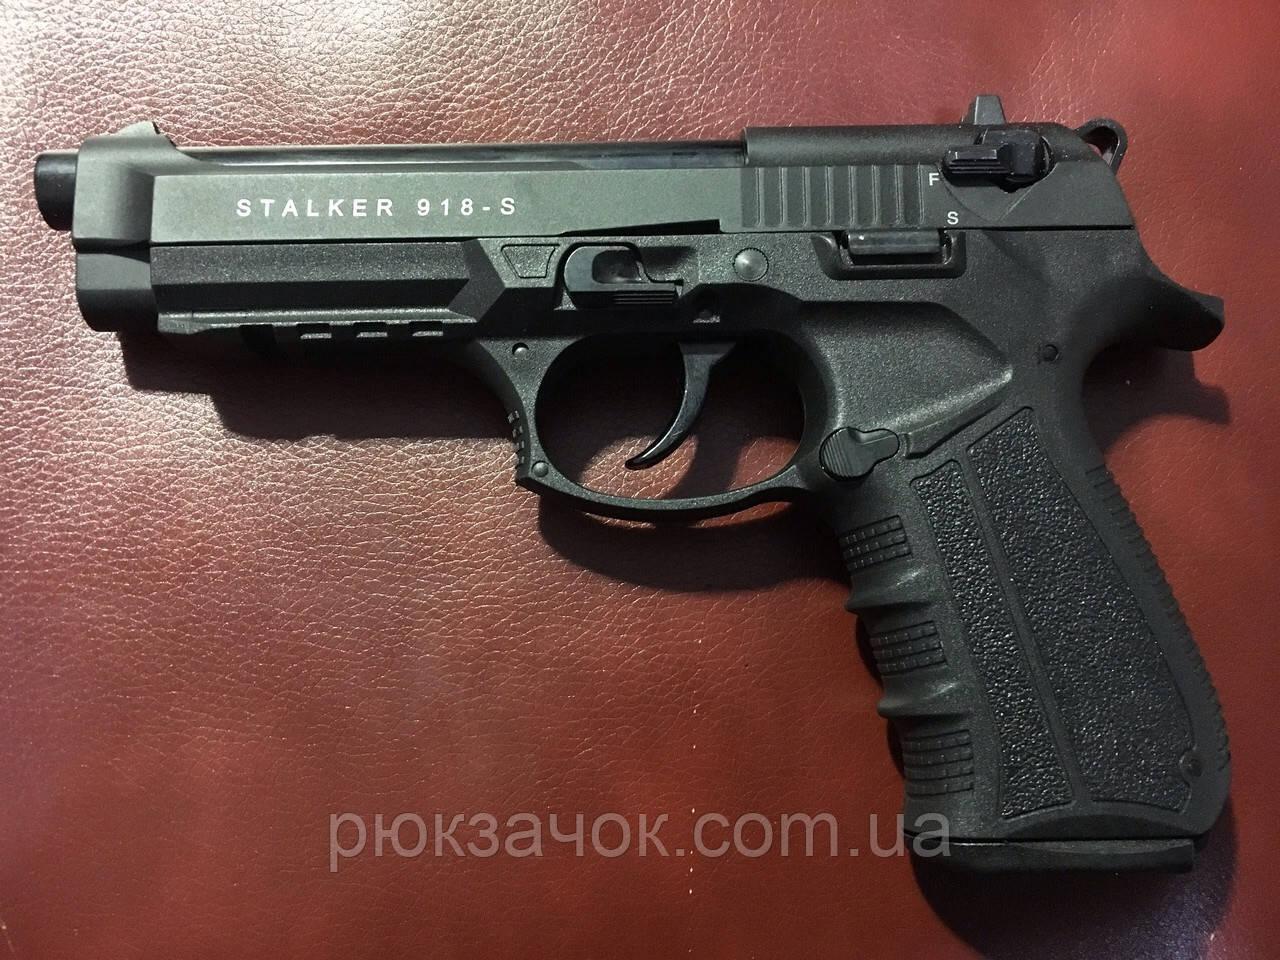 Стартовый (сигнально-шумовой) пистолет Stalker 918 s black, фото 1